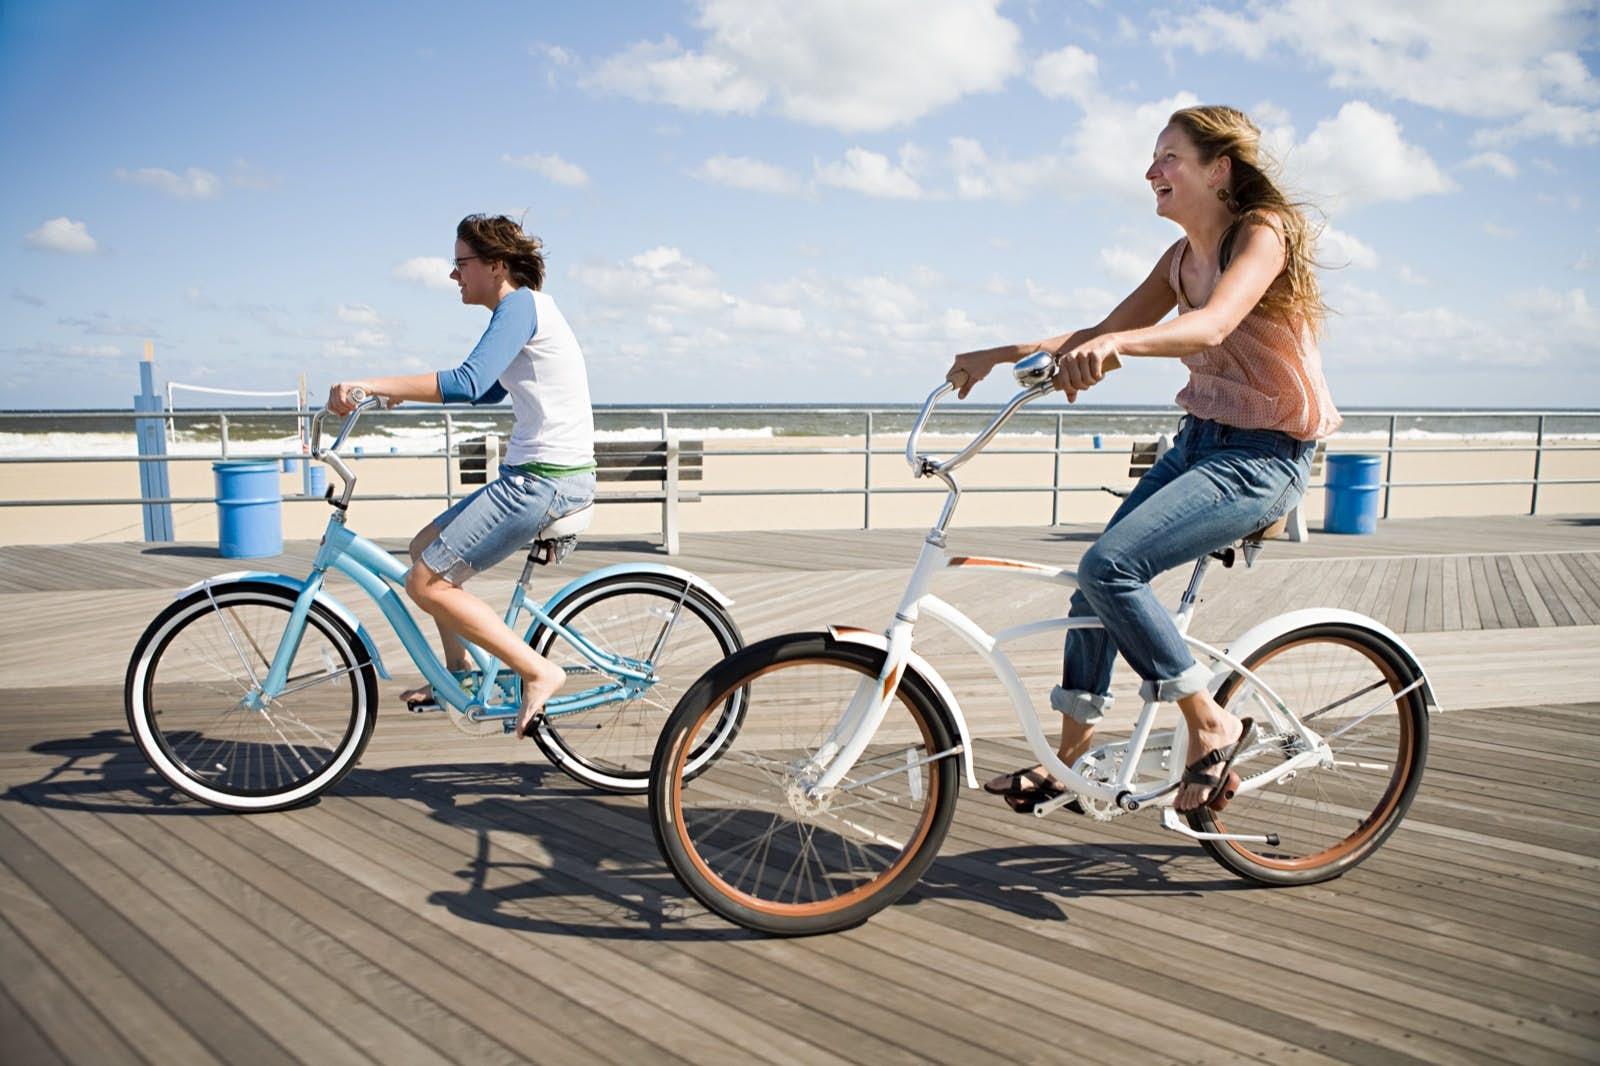 Two people ride bikes down a boardwalk